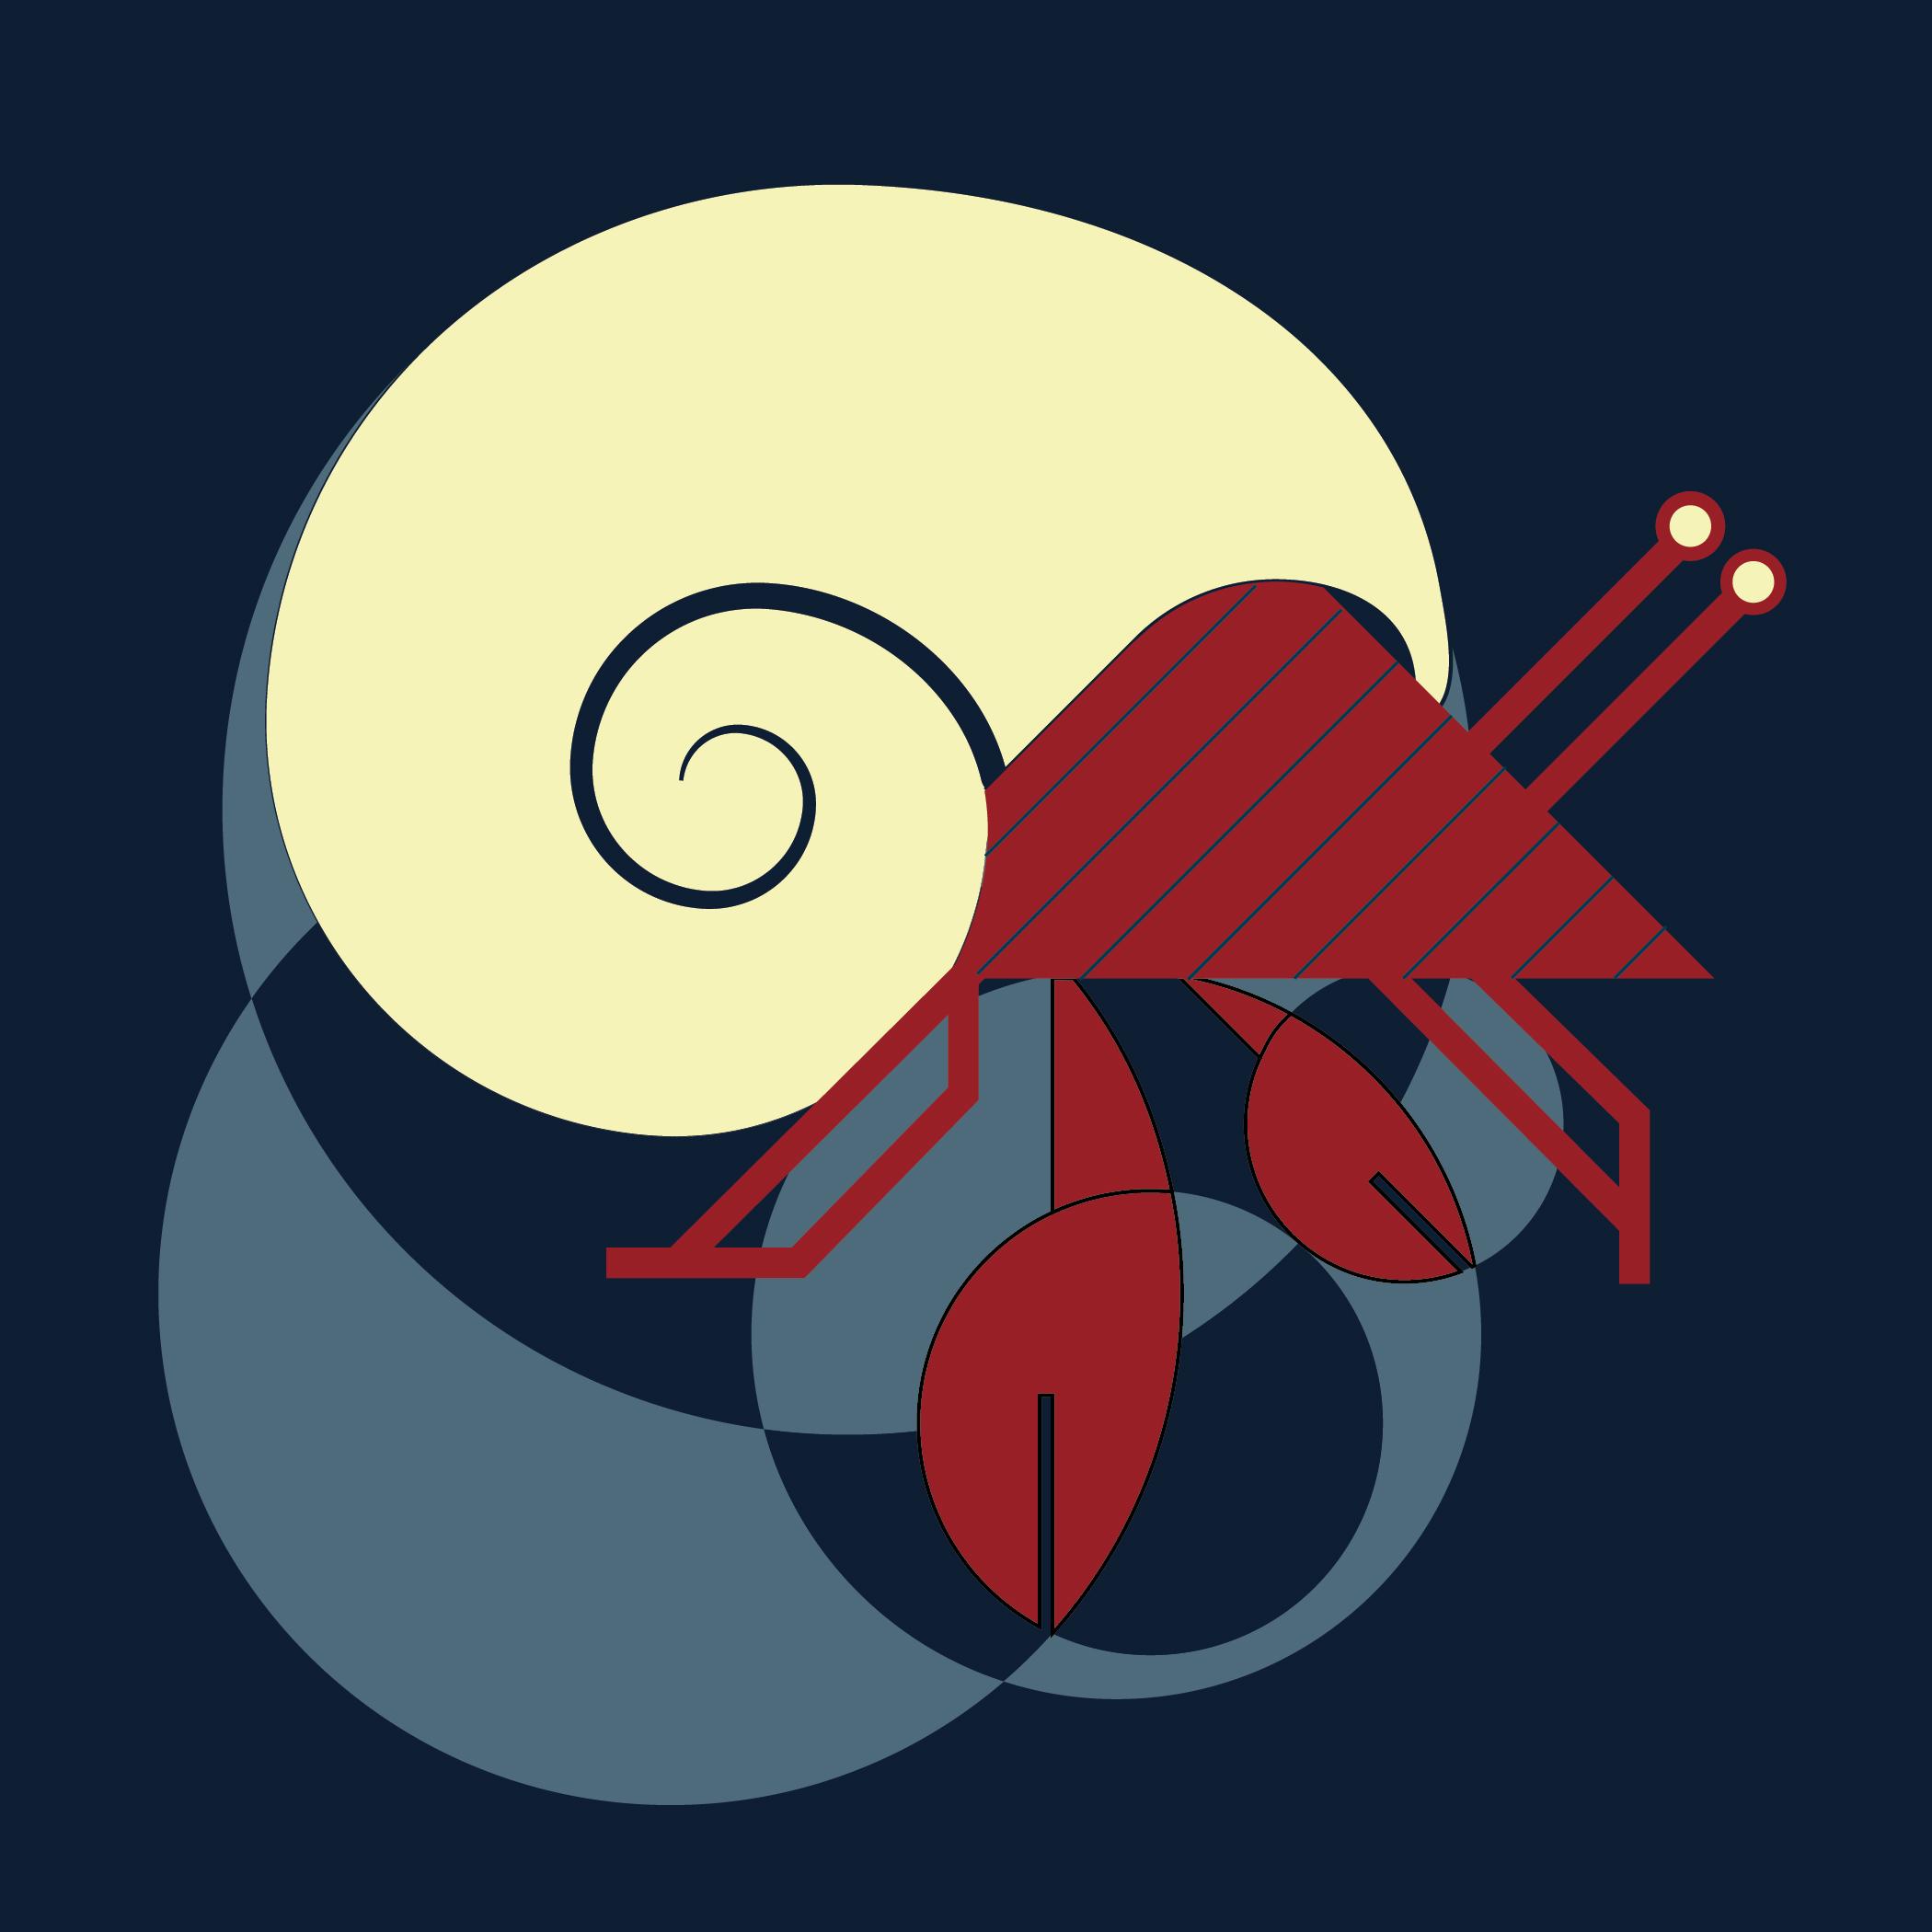 hermit crab-01.jpg